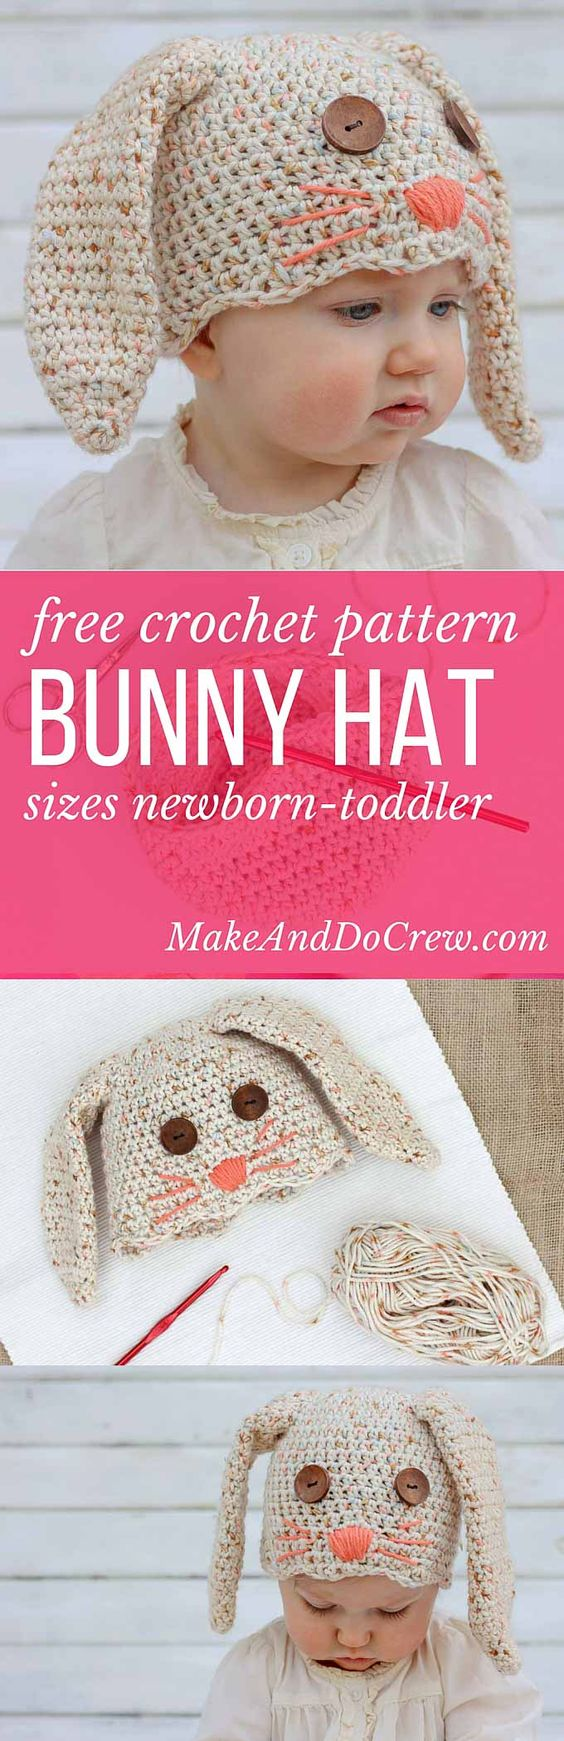 Free Crochet Bunny Hat Pattern.